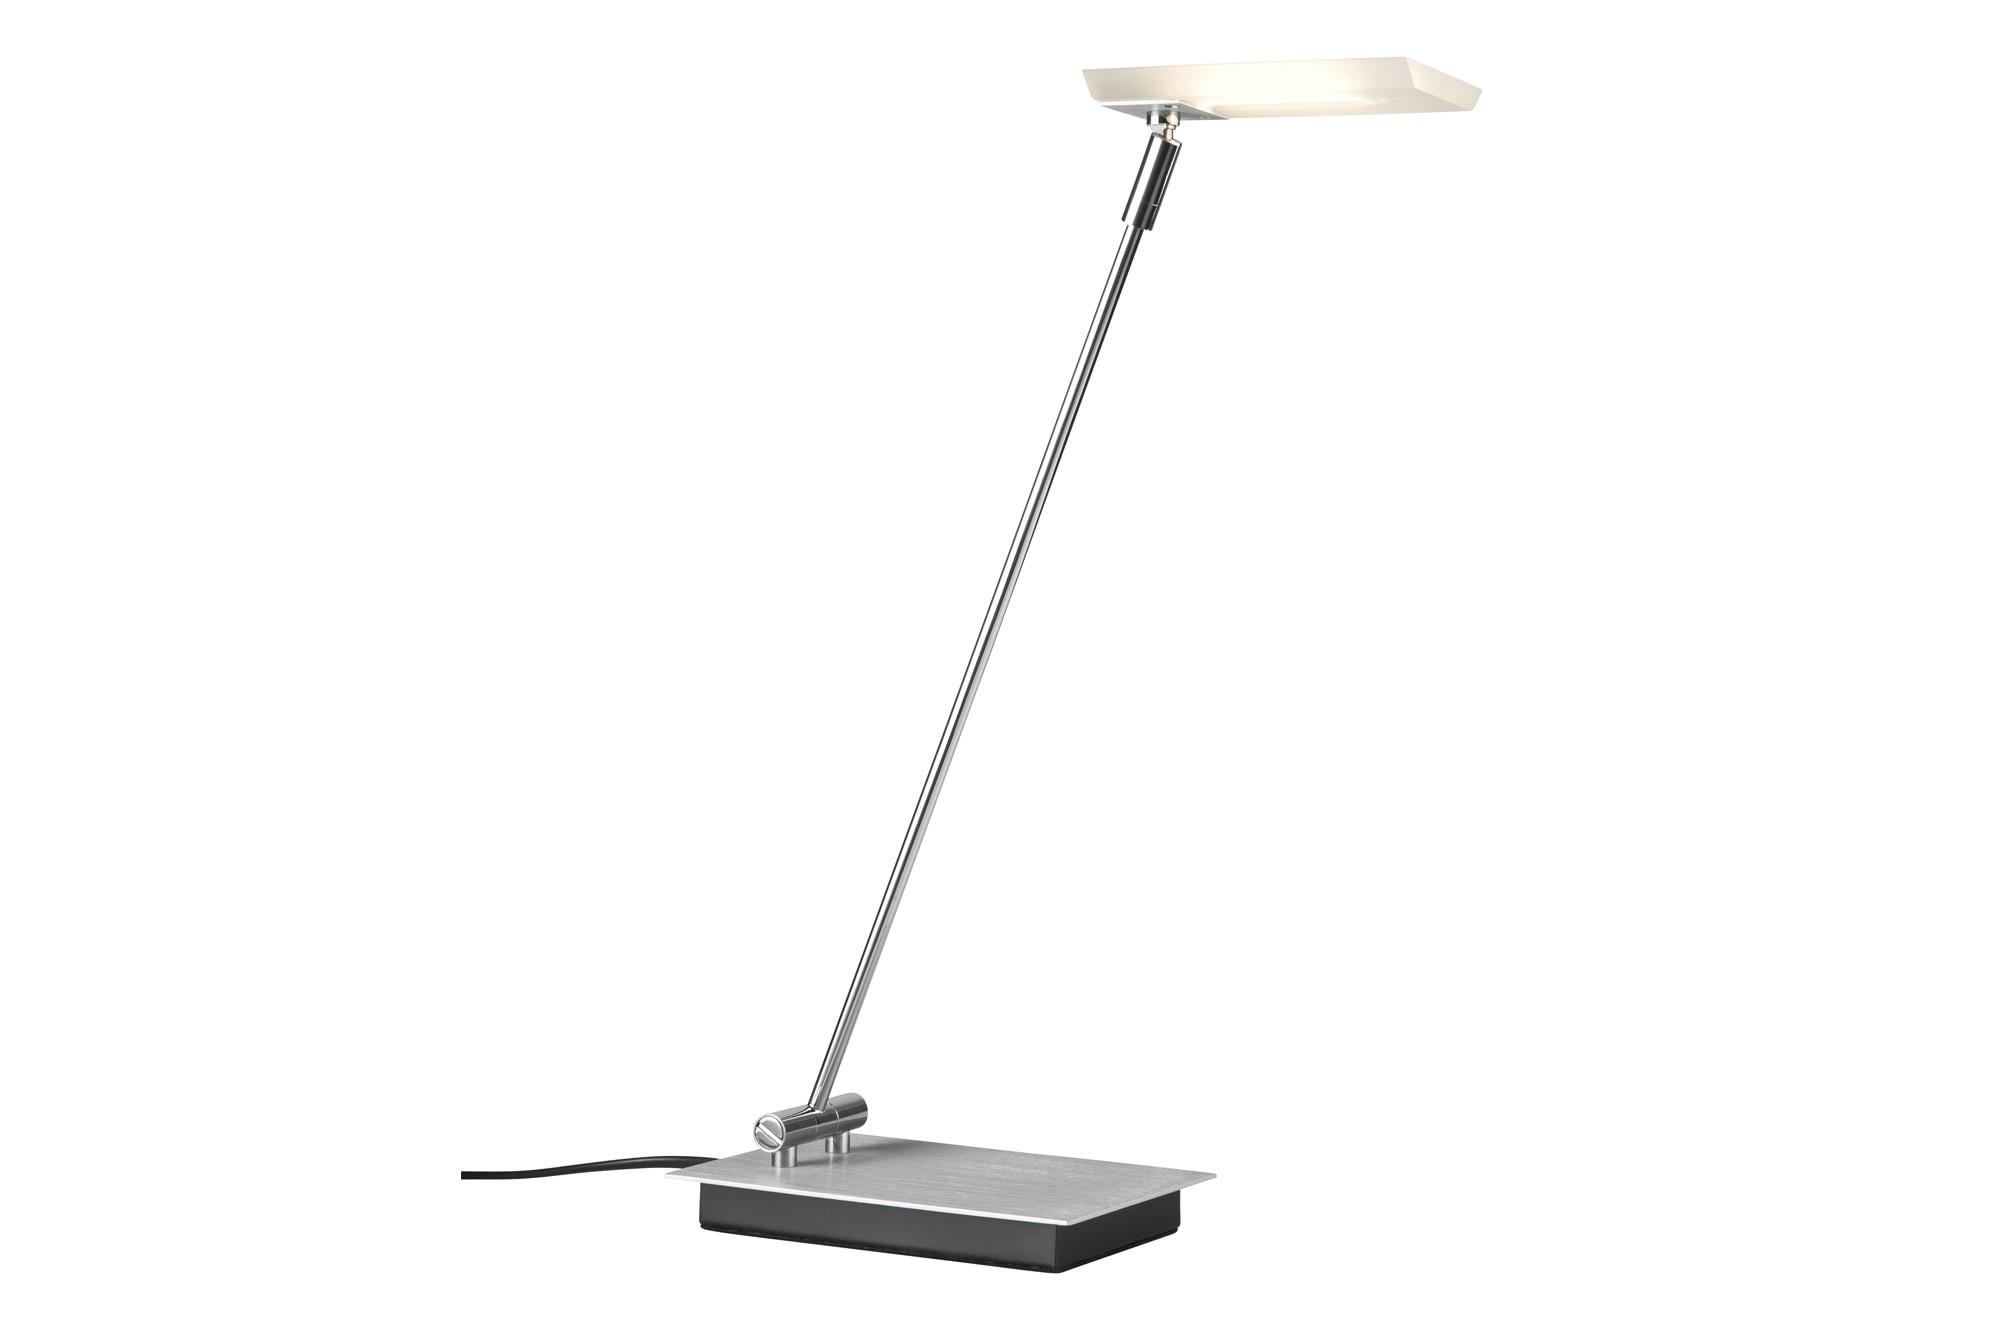 Paulmann. 70244 Настольная лампа Slice LED, 4.3W, 3000K